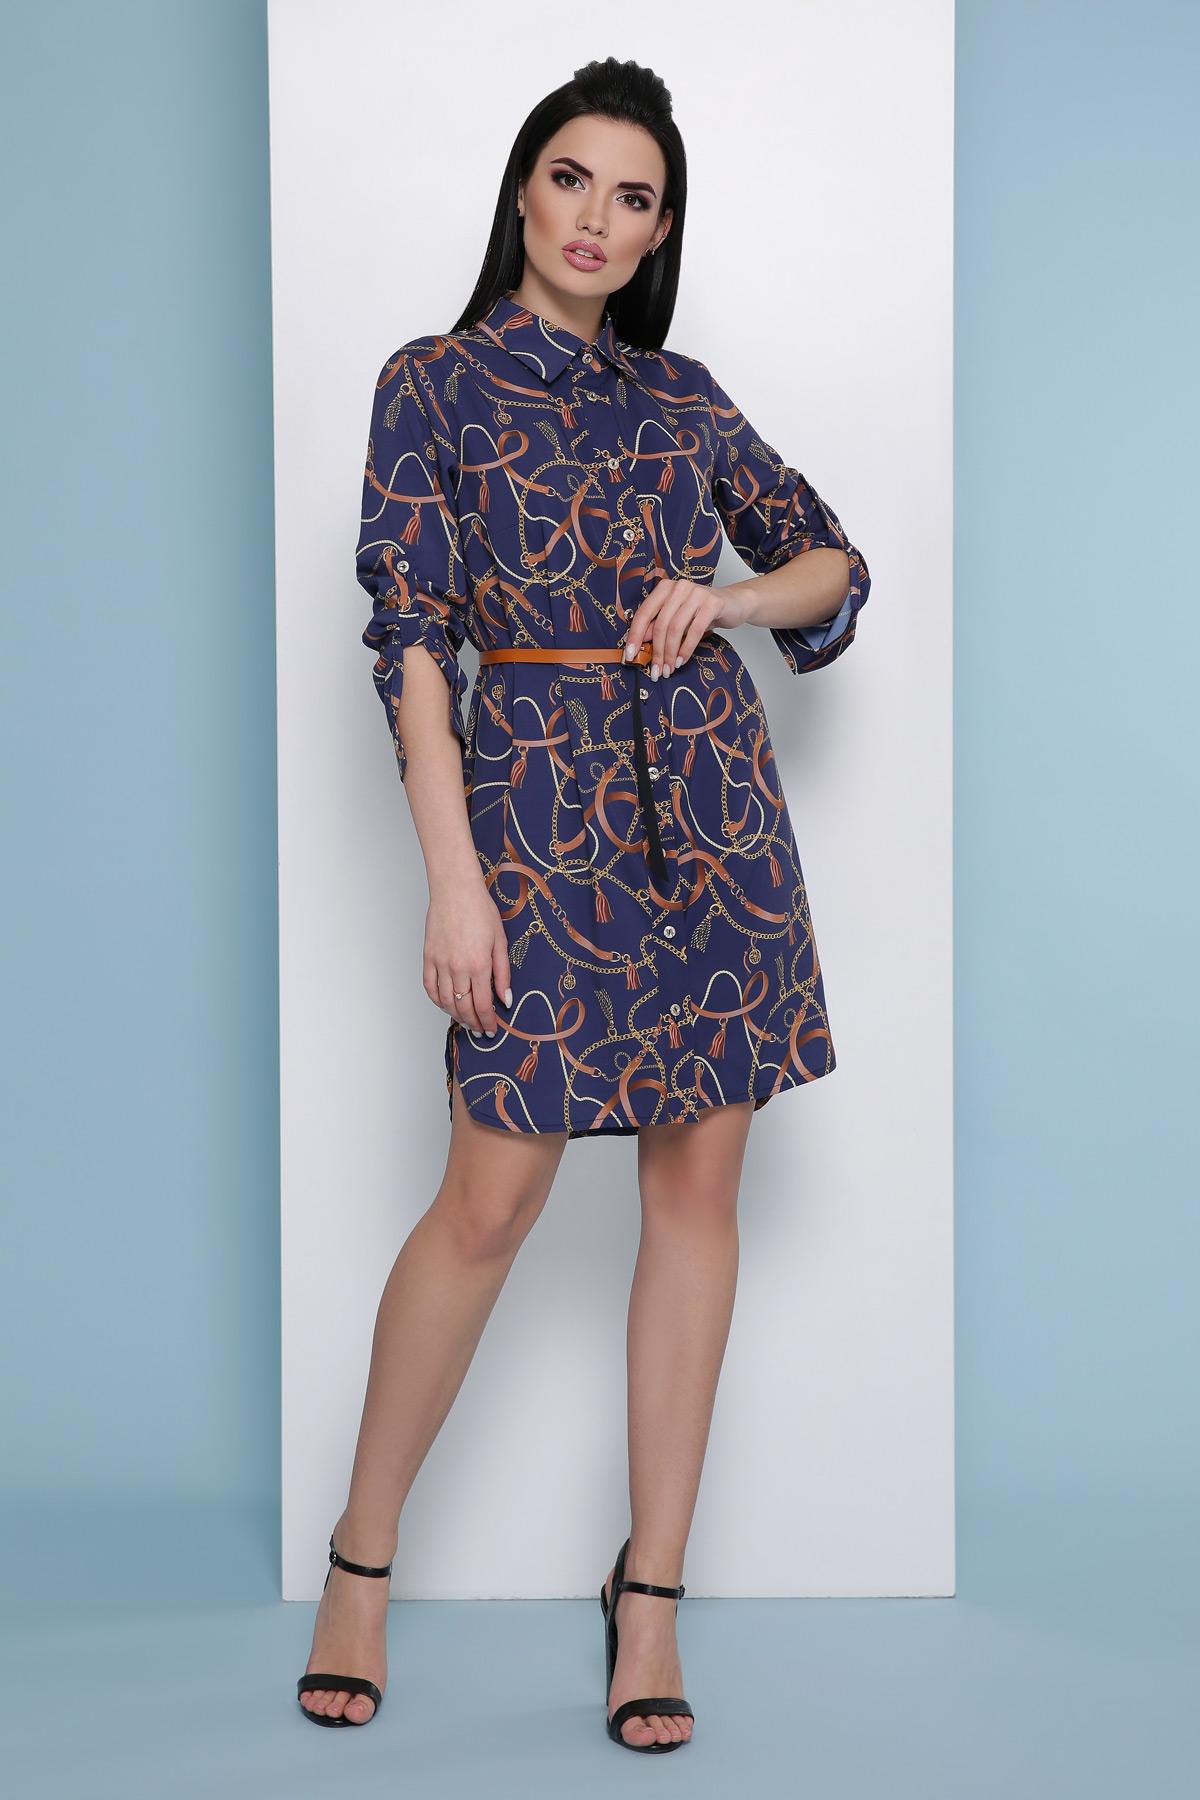 84ae8ec0a05 Синее платье рубашка Аврора П д р - купить в Украине